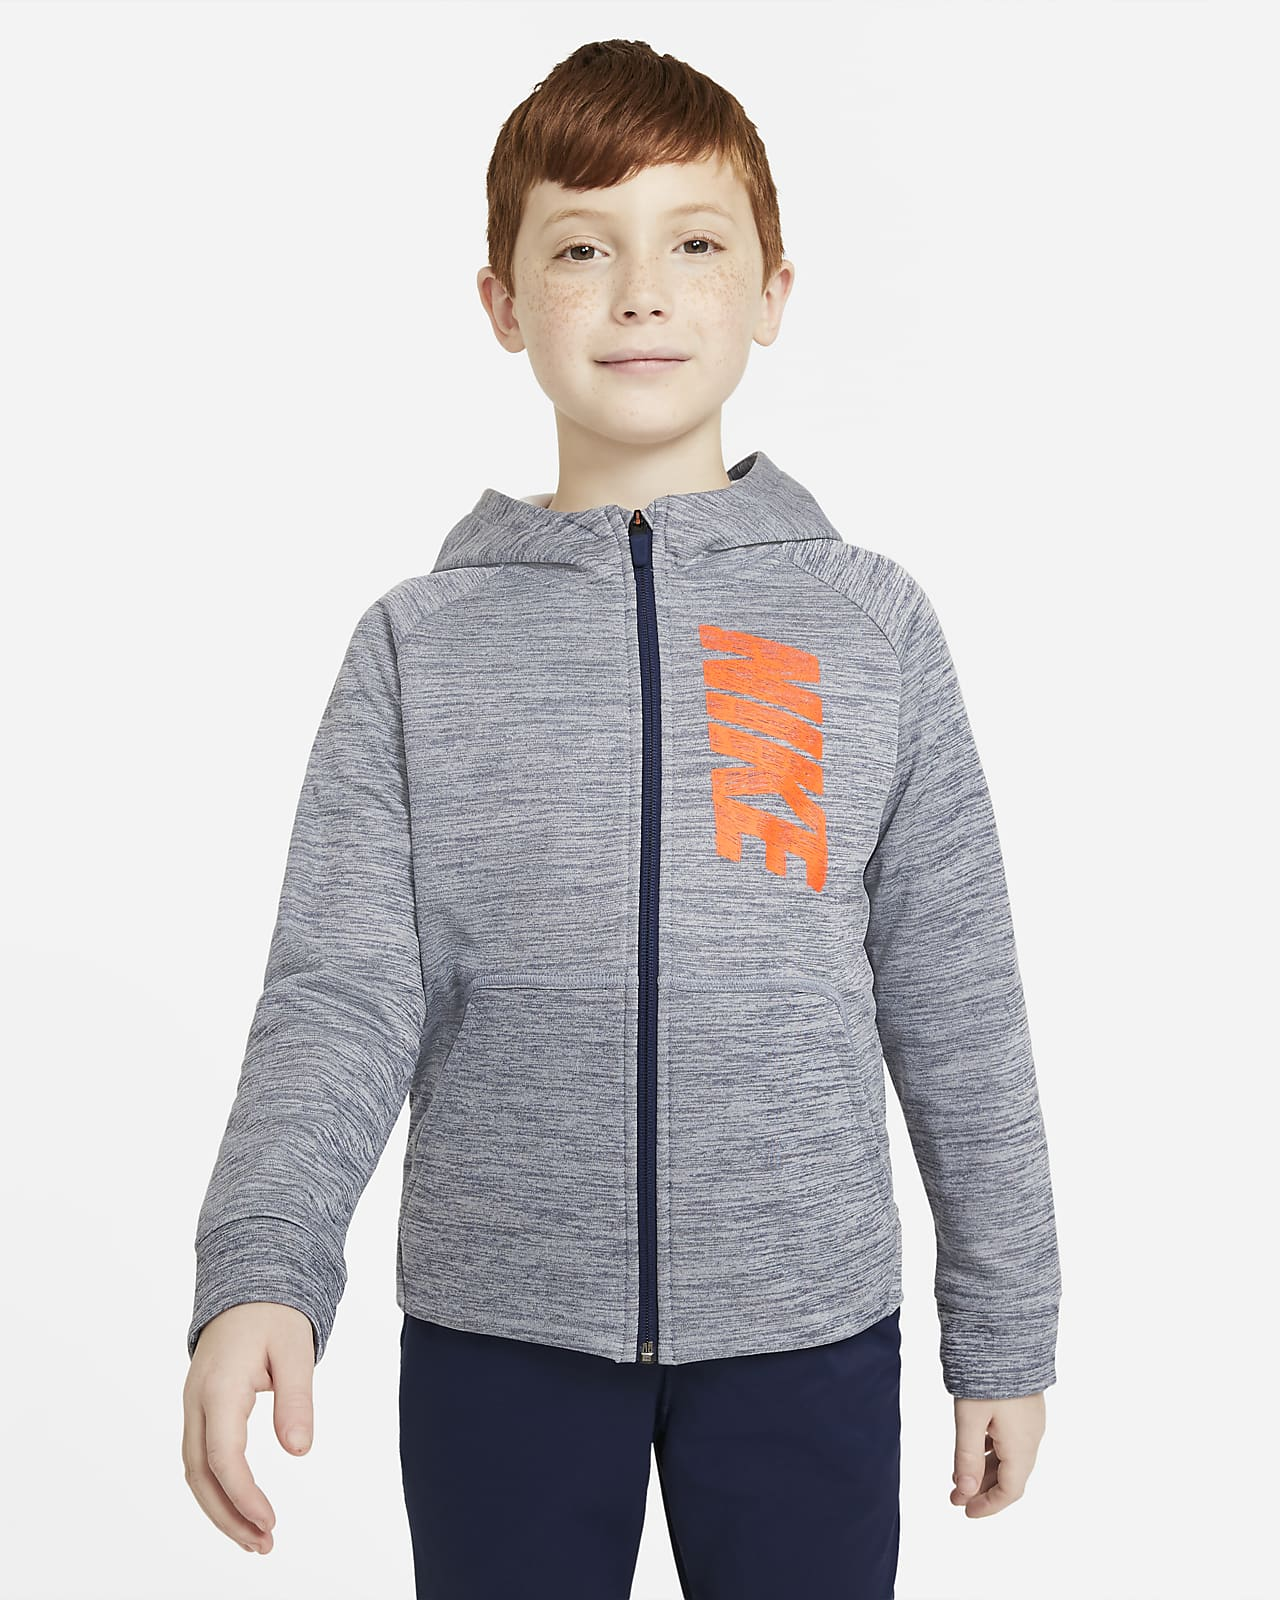 Nike Therma Trainings-Hoodie mit durchgehendem Reißverschluss und Grafik für ältere Kinder (Jungen)